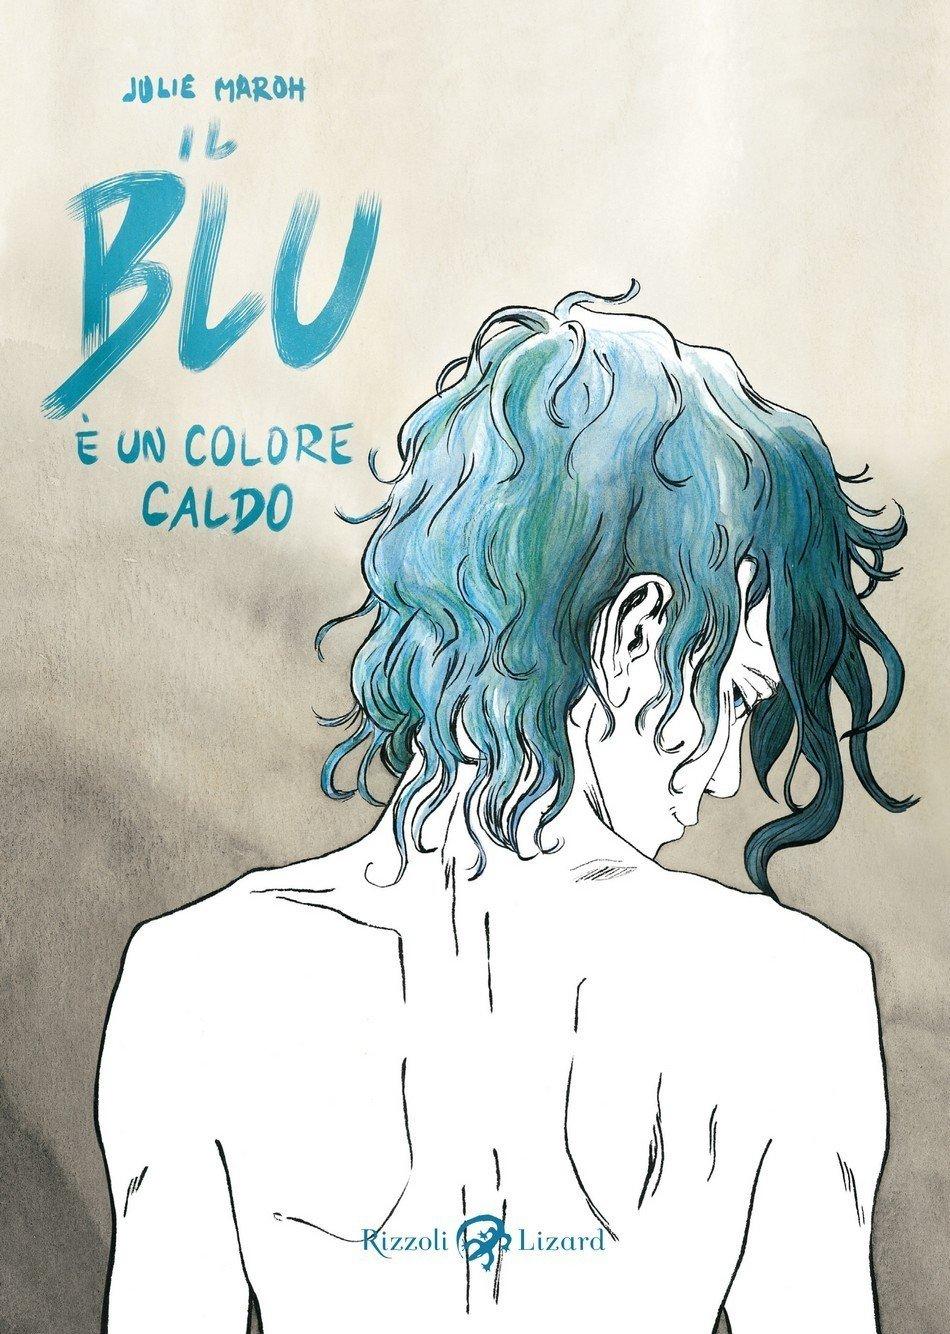 Il blu e un colore caldo